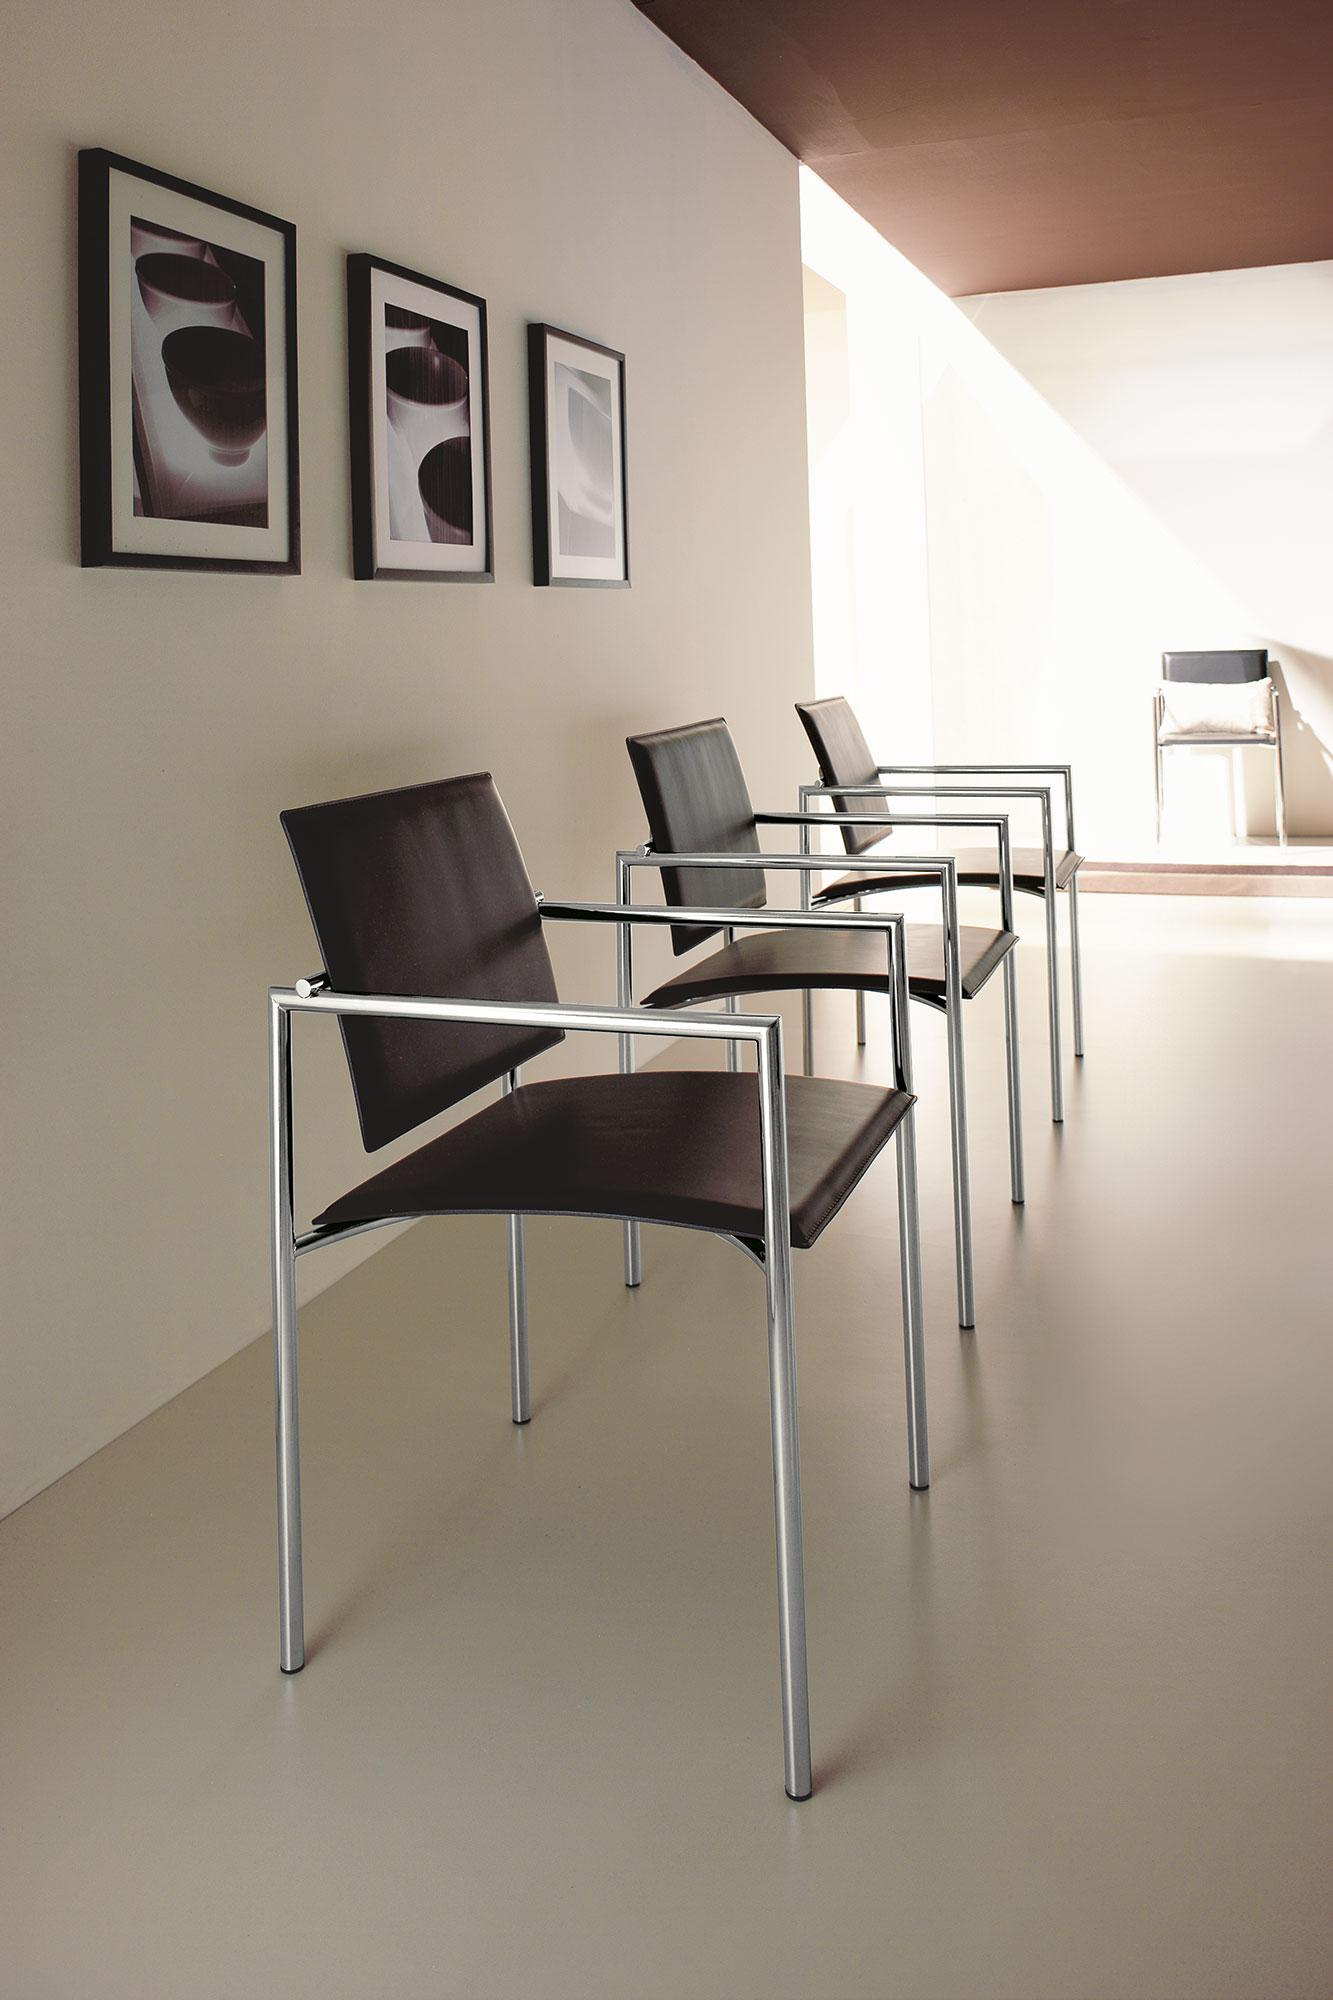 Chiara sedia con braccioli - Italy Dream Design